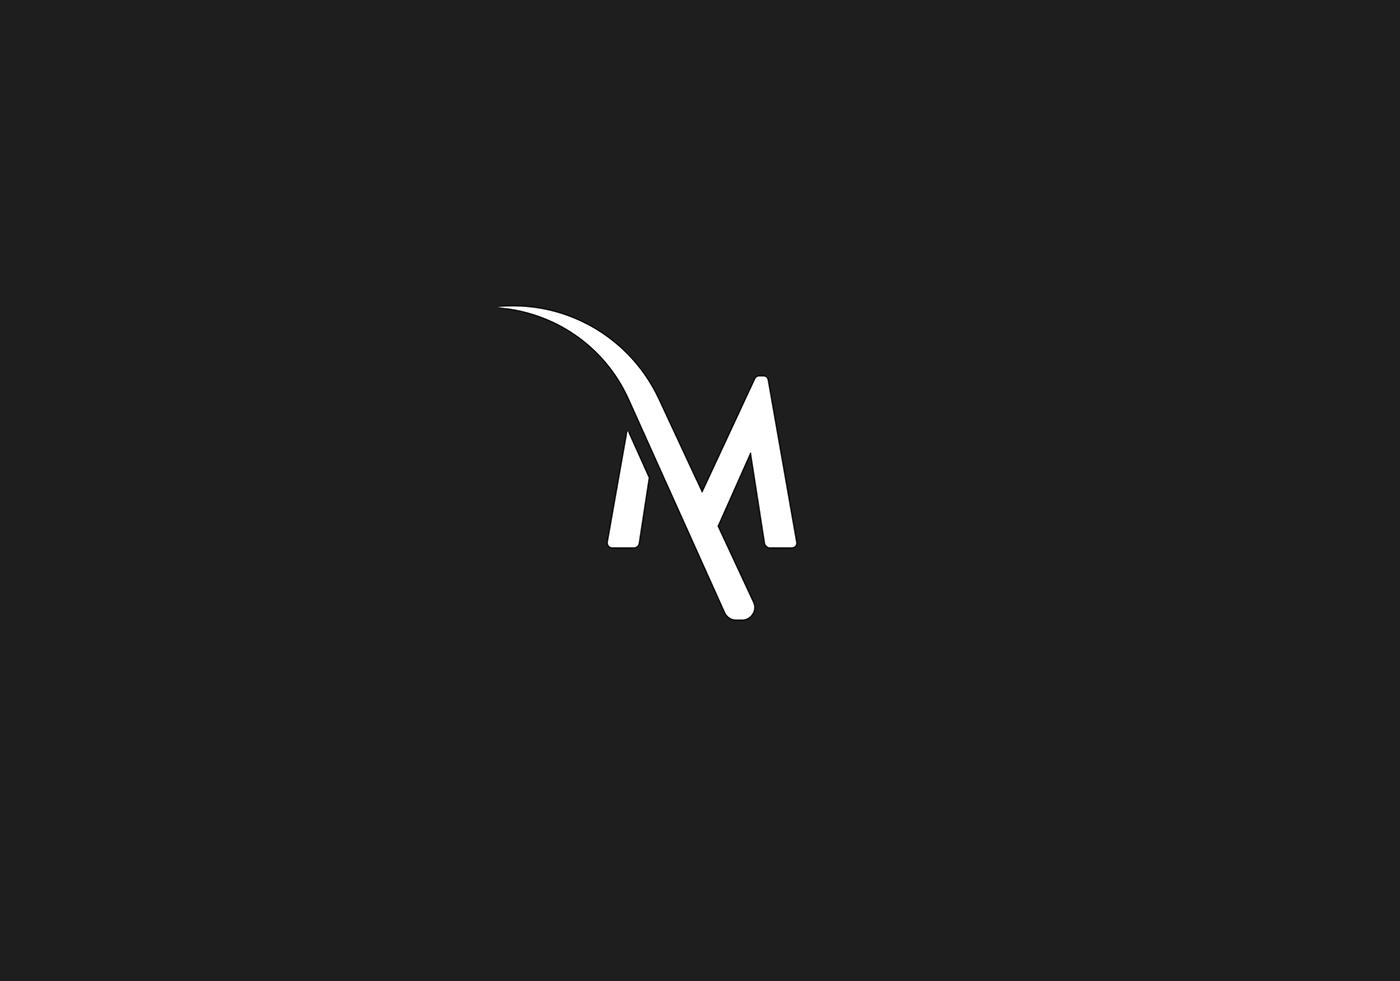 THE M logo design on Behance.